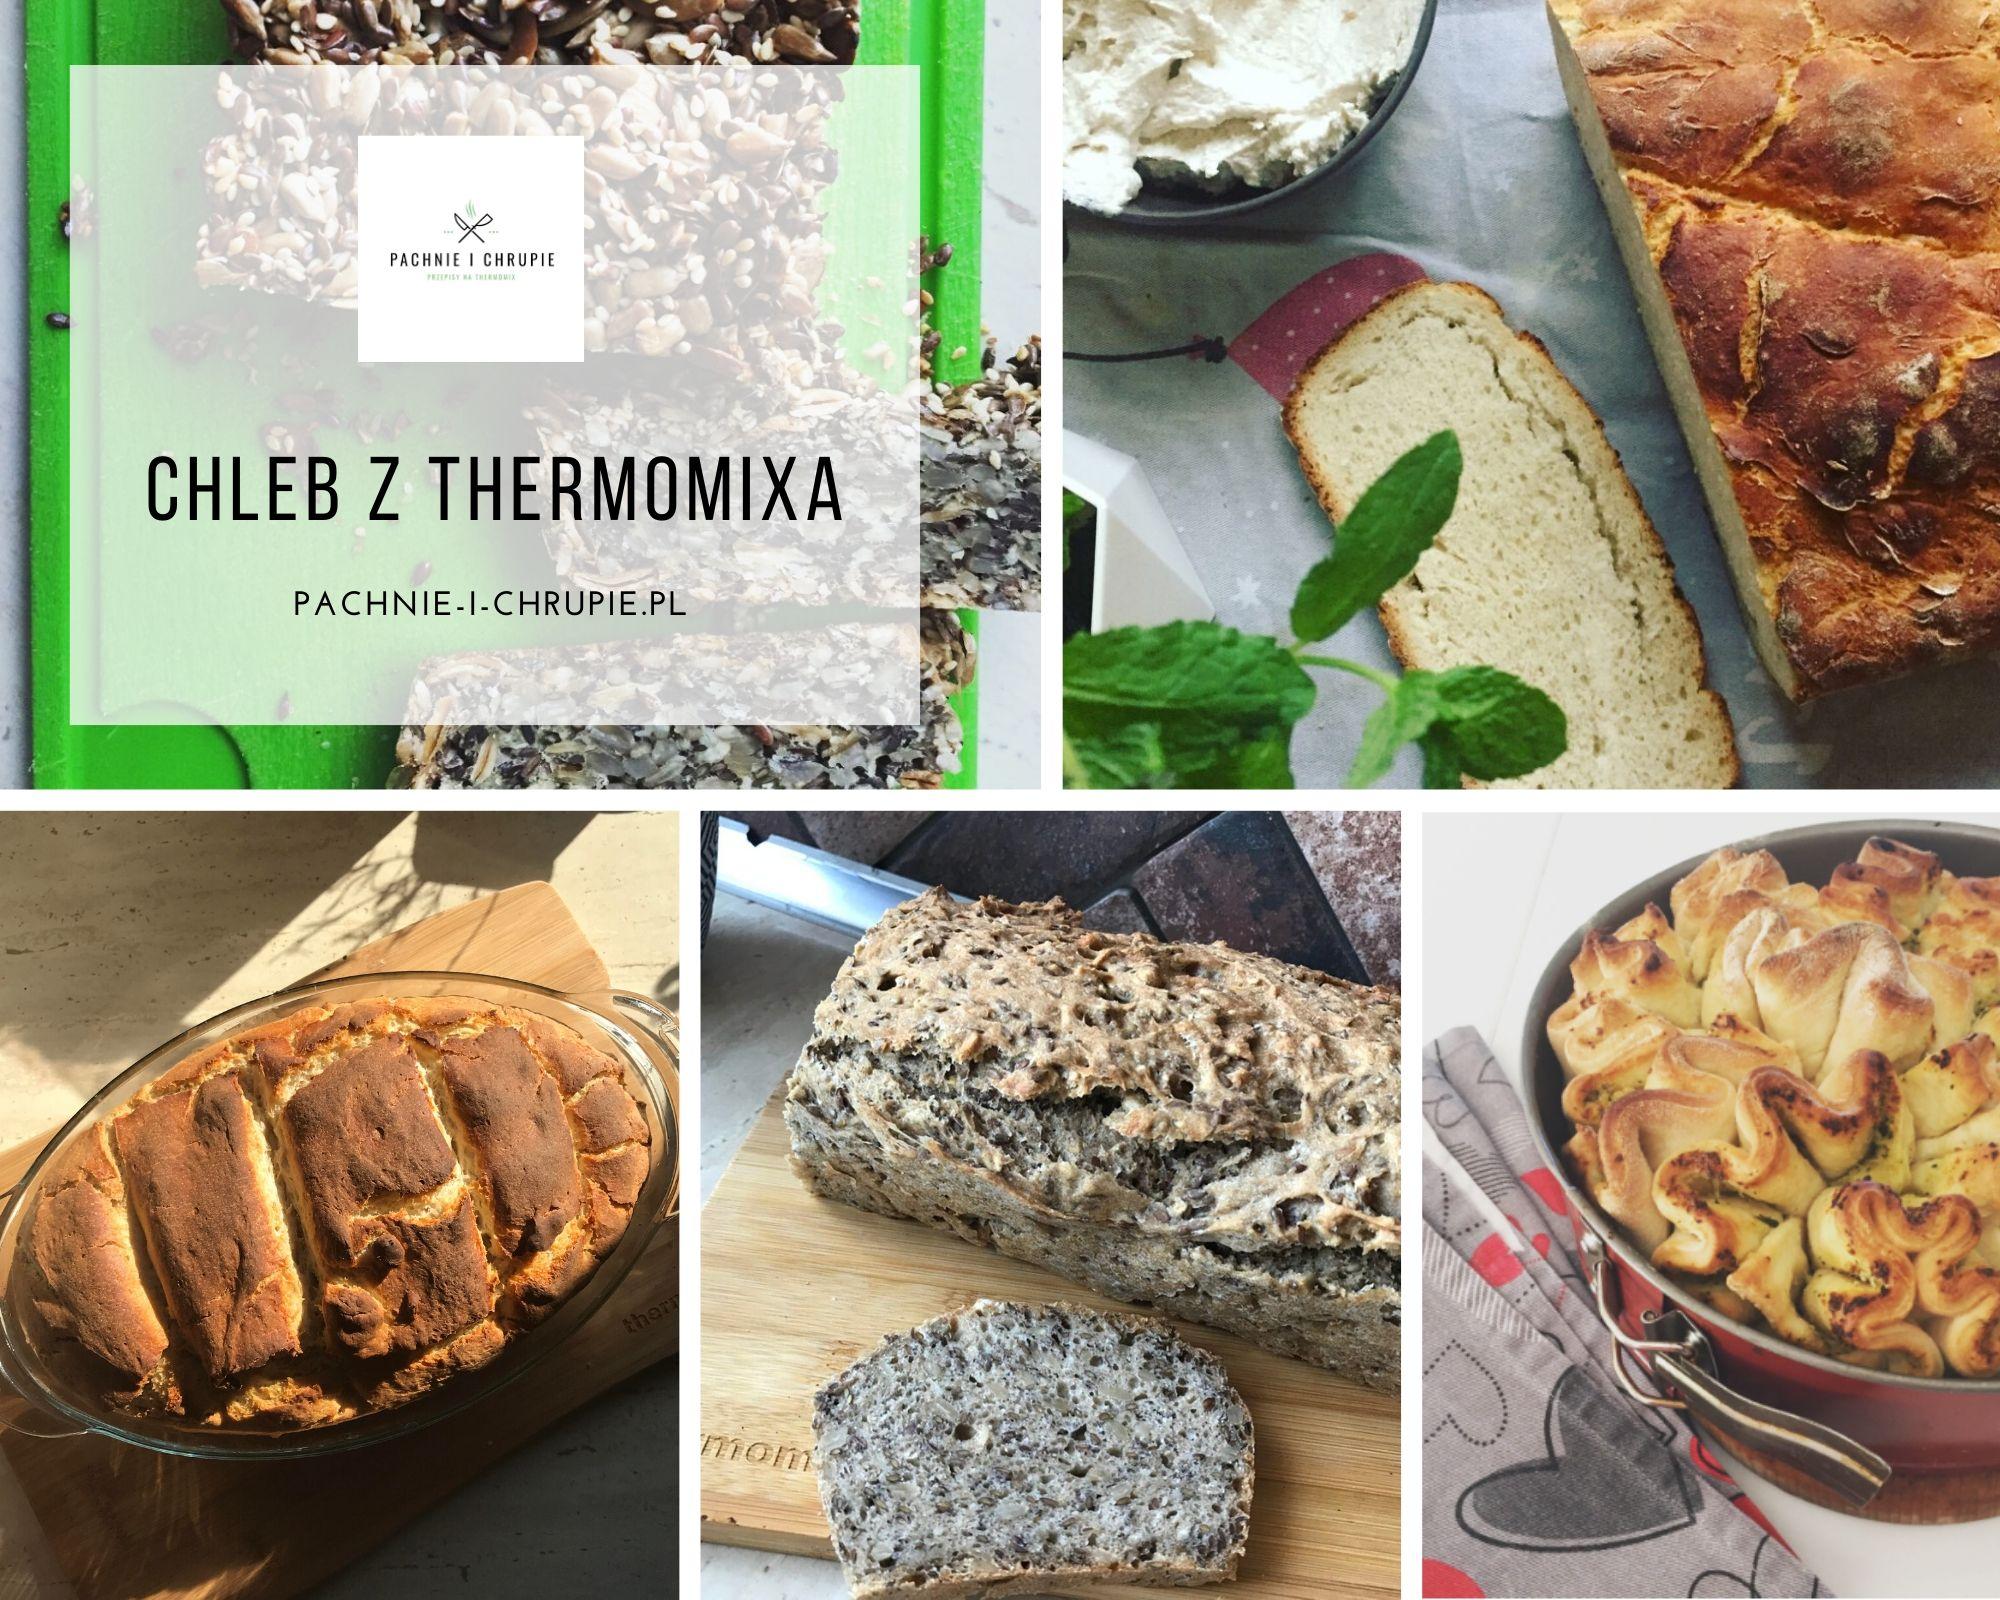 Chleb Thermomix - ziołowy, z gara, bananowy, na drożdżach i zakwasie. Który przepis wybrać?